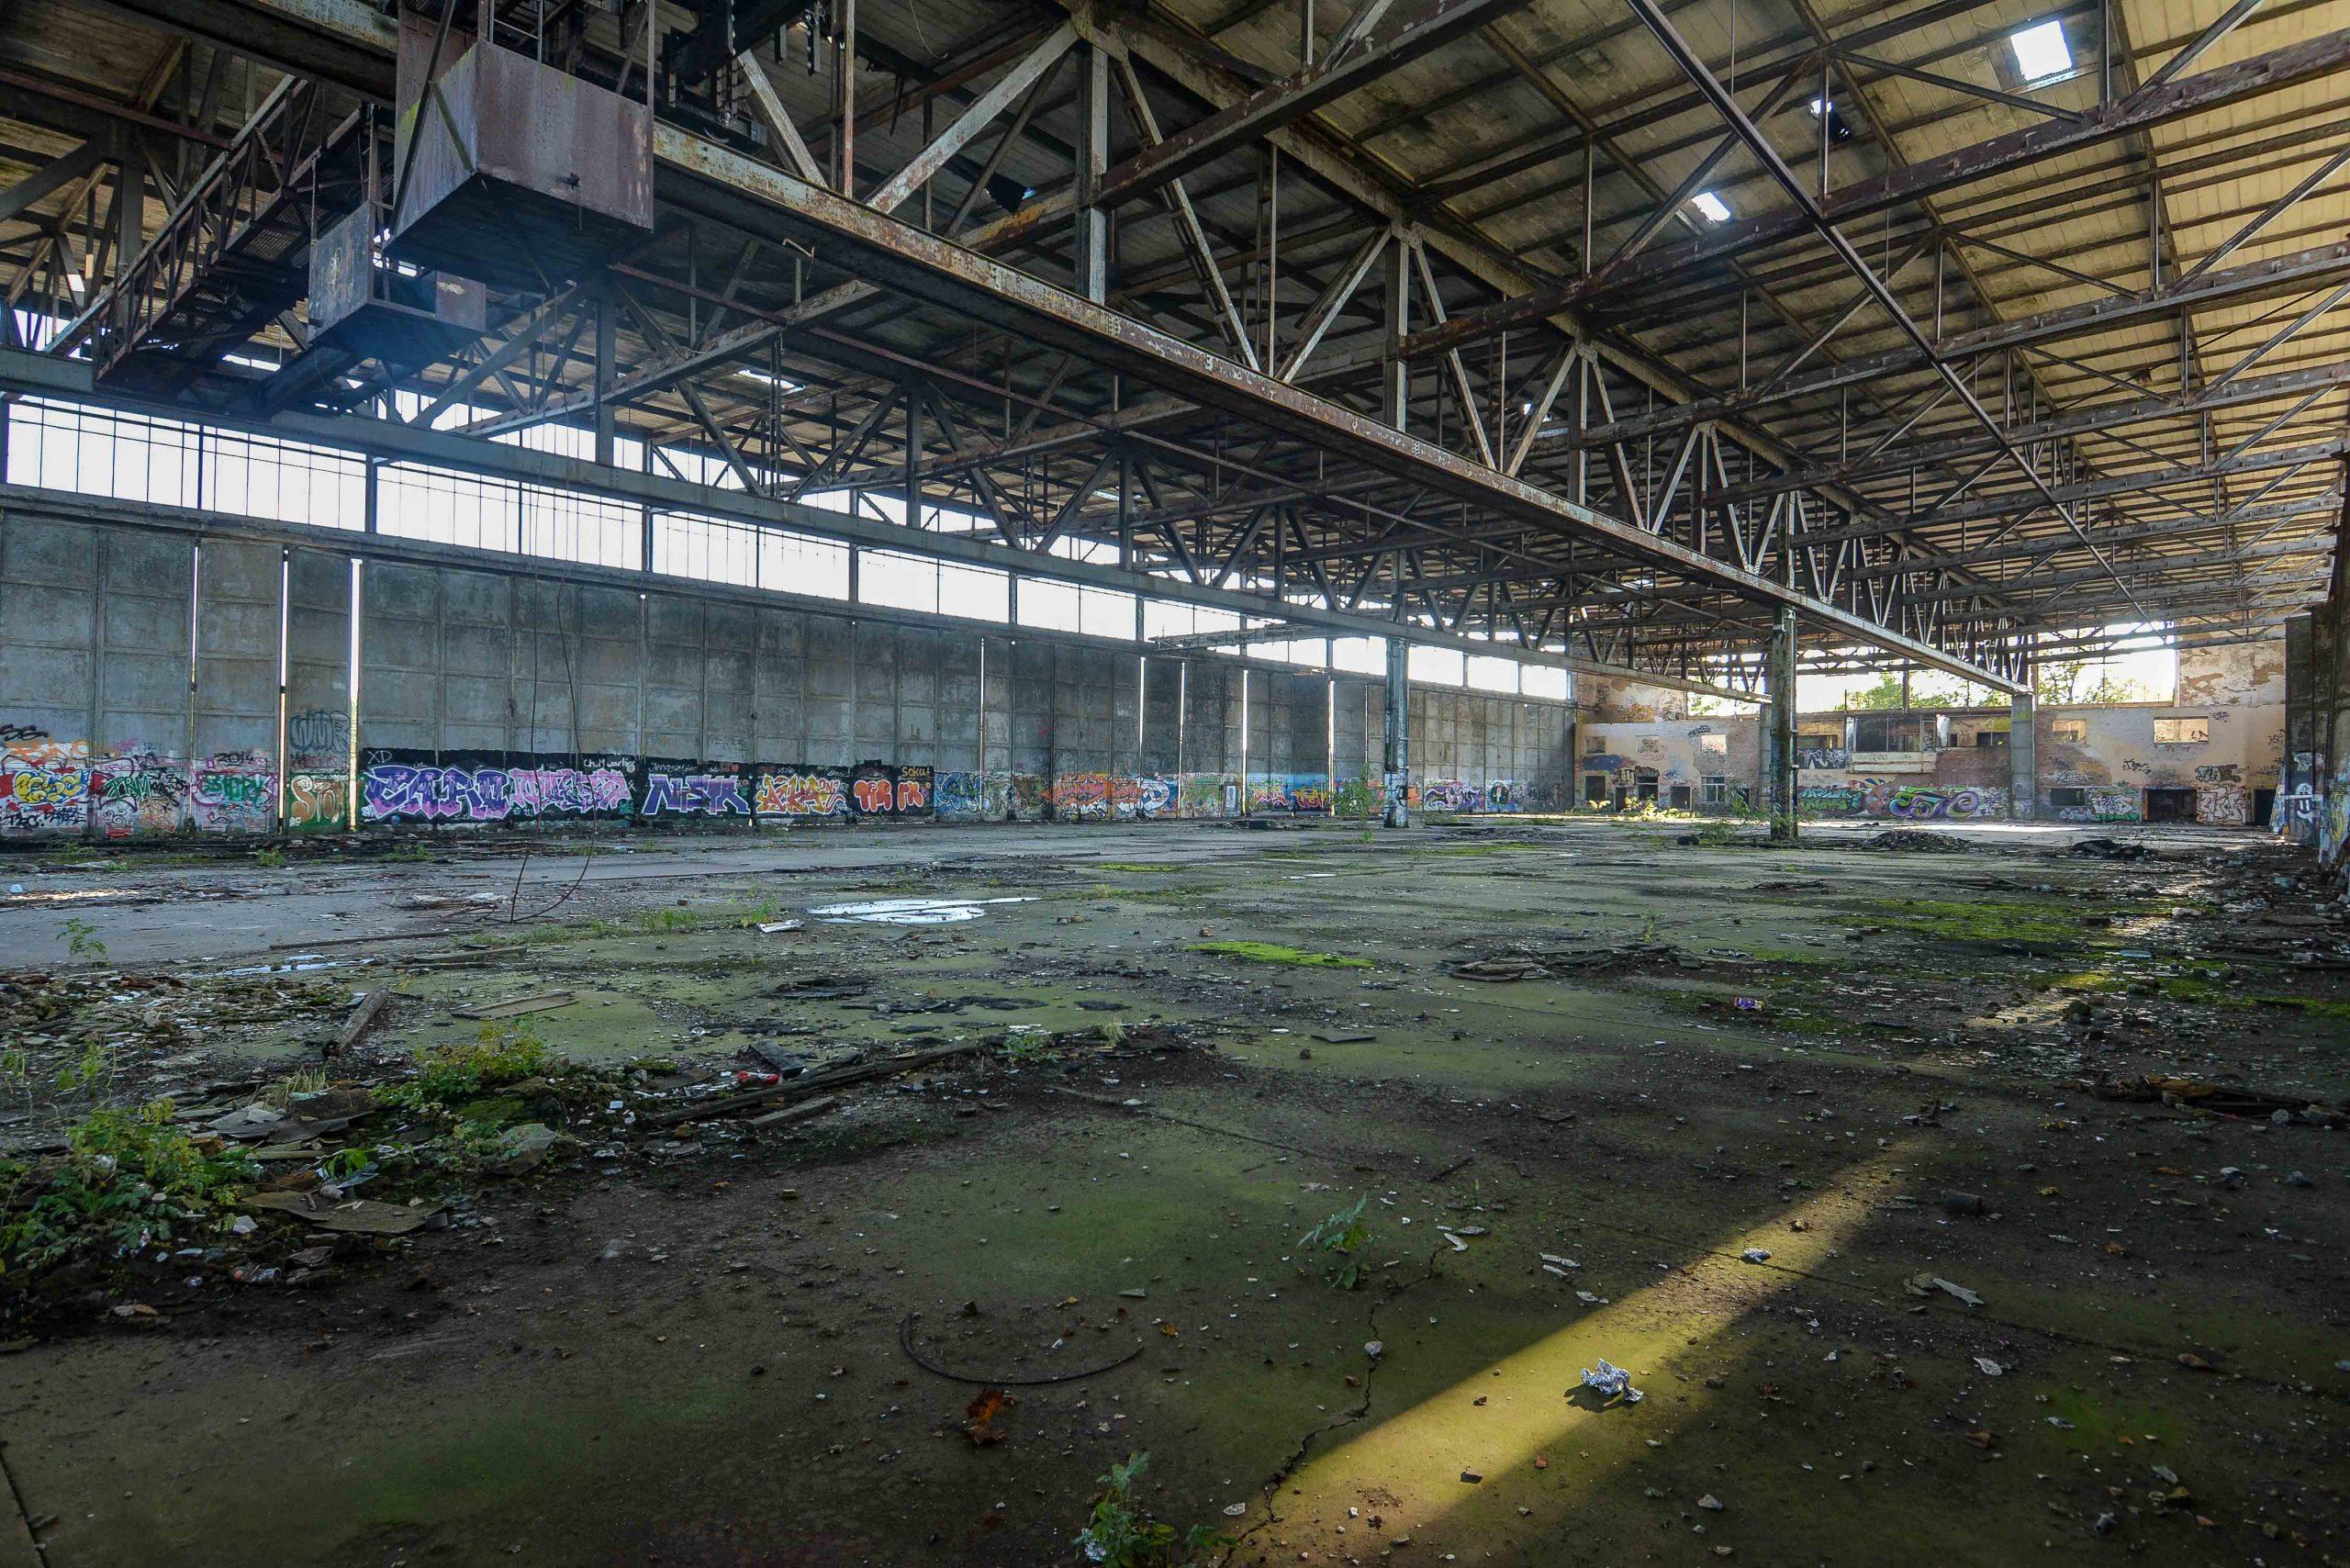 einflughalle innen ansicht lang flugplatz oranienburg urbex abandoned lost places brandenburg